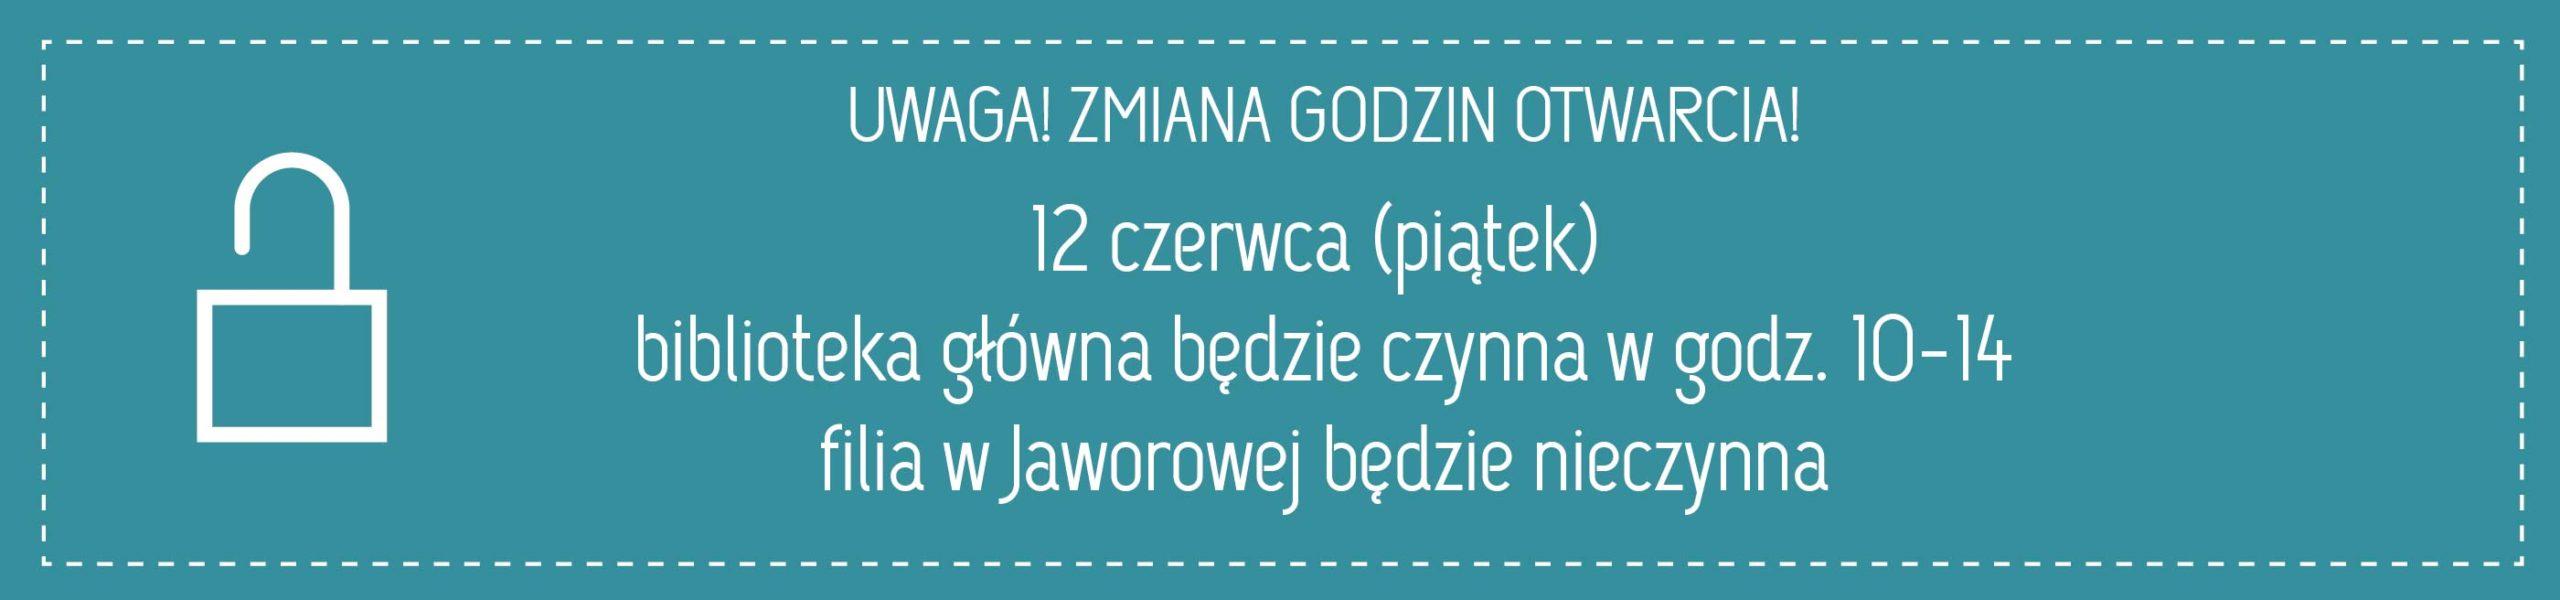 zm-godz-otw